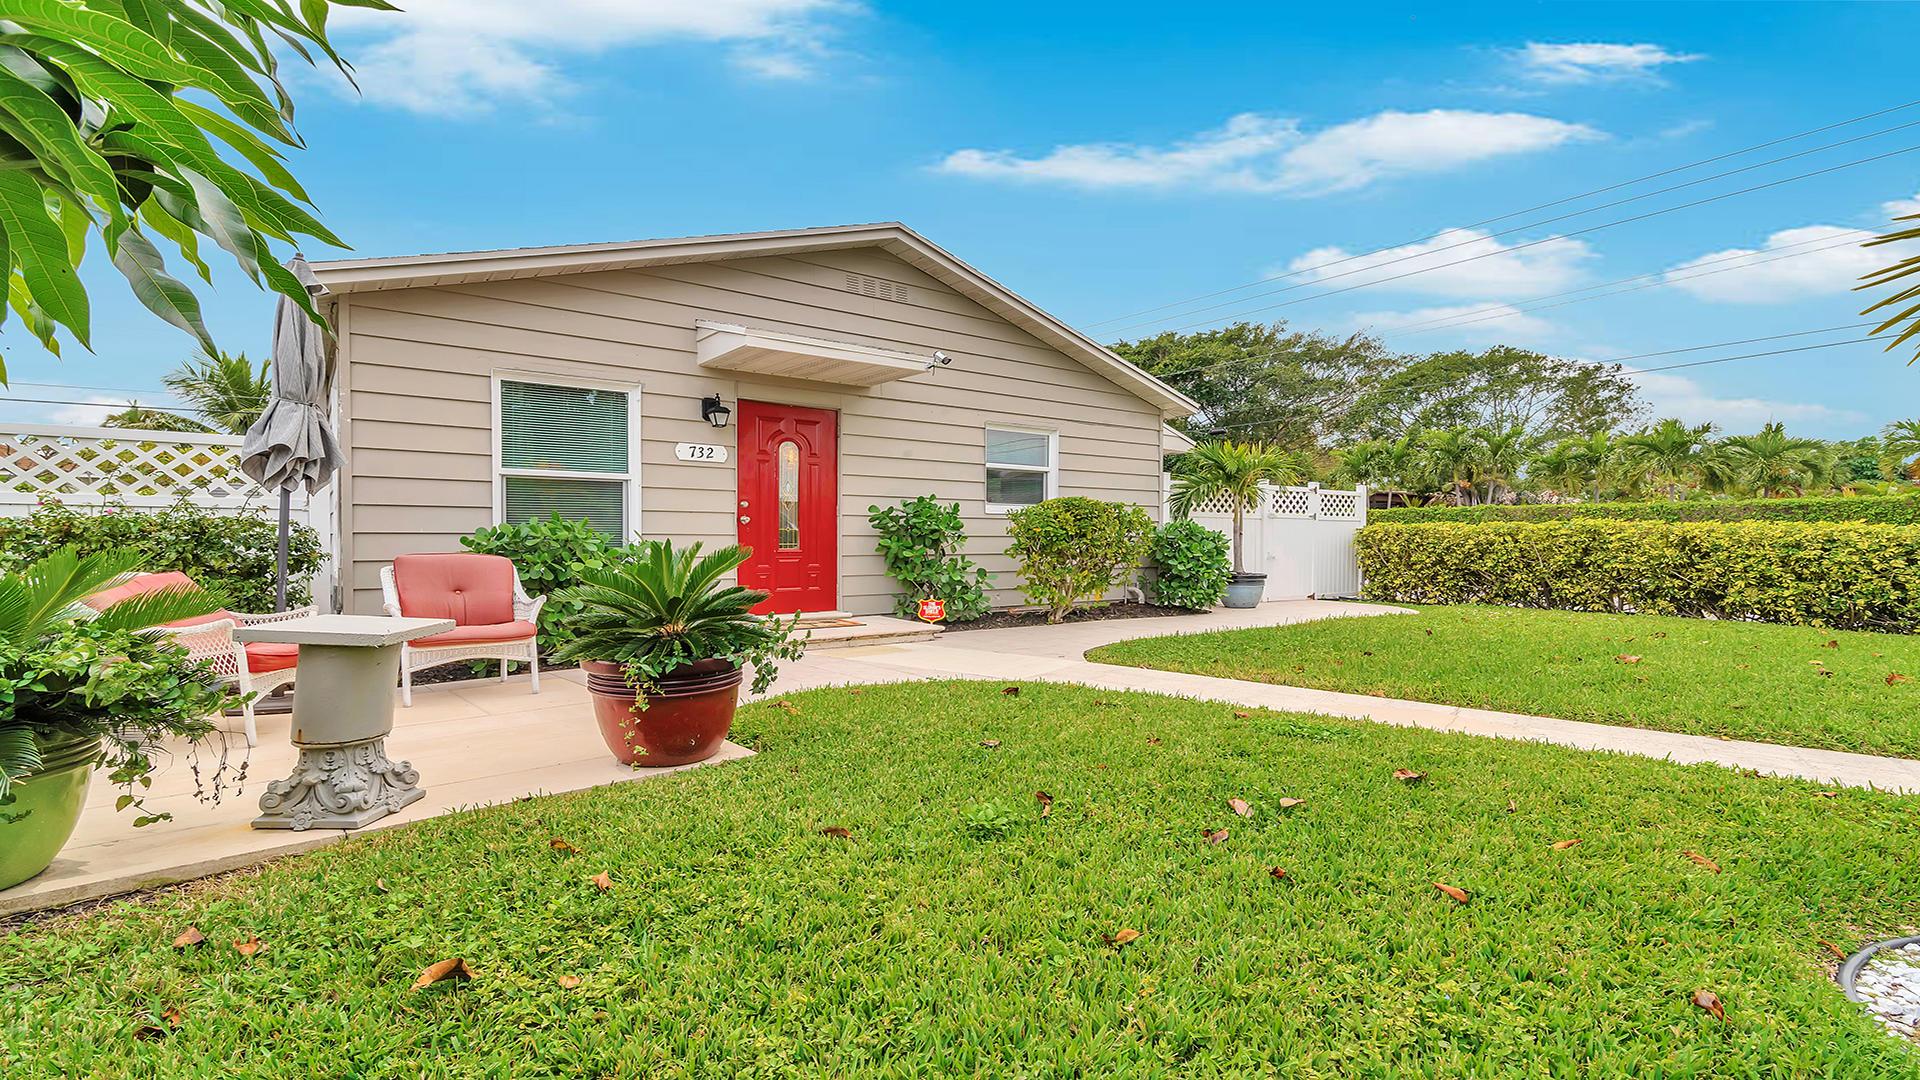 732 Mcintosh Street West Palm Beach, FL 33405